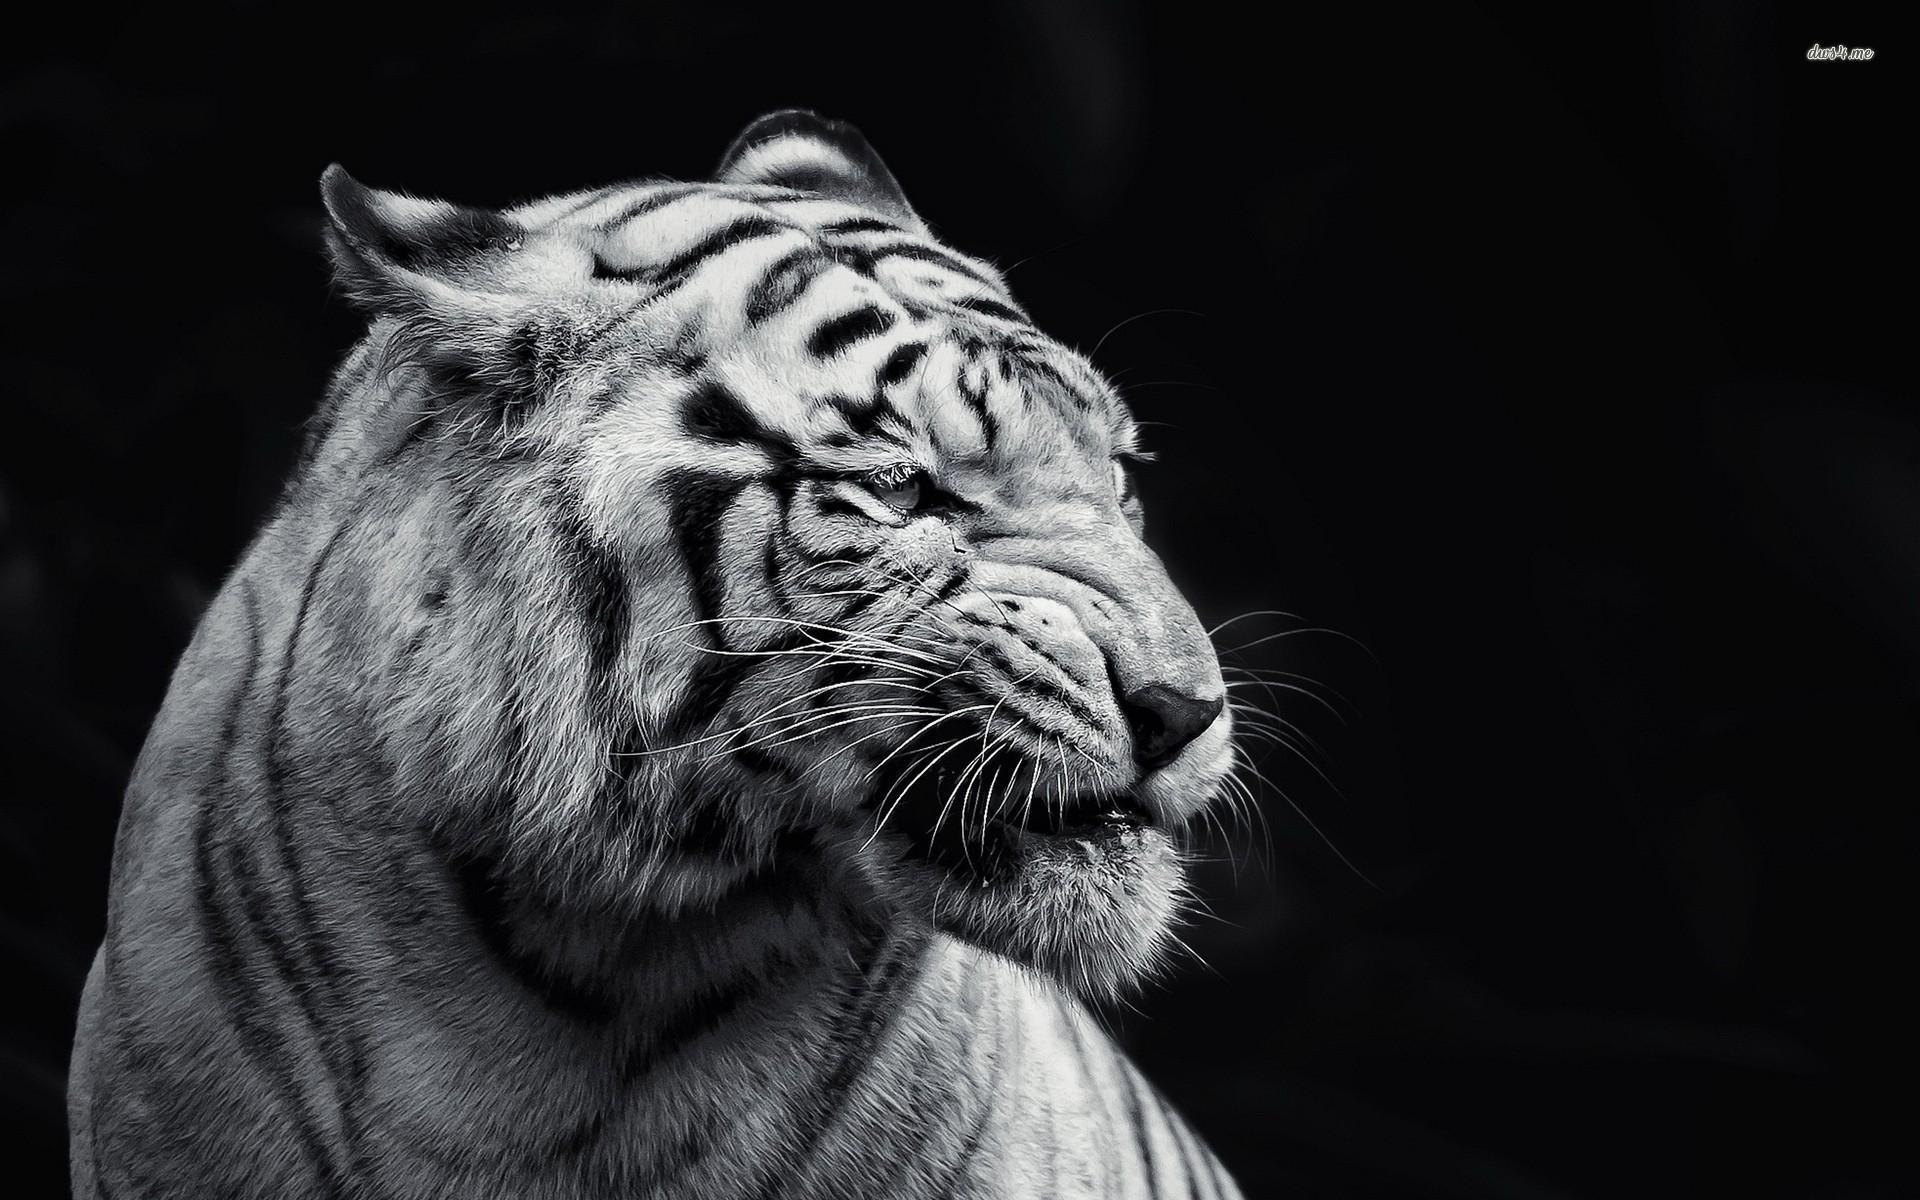 jaguar hd wallpapers animal